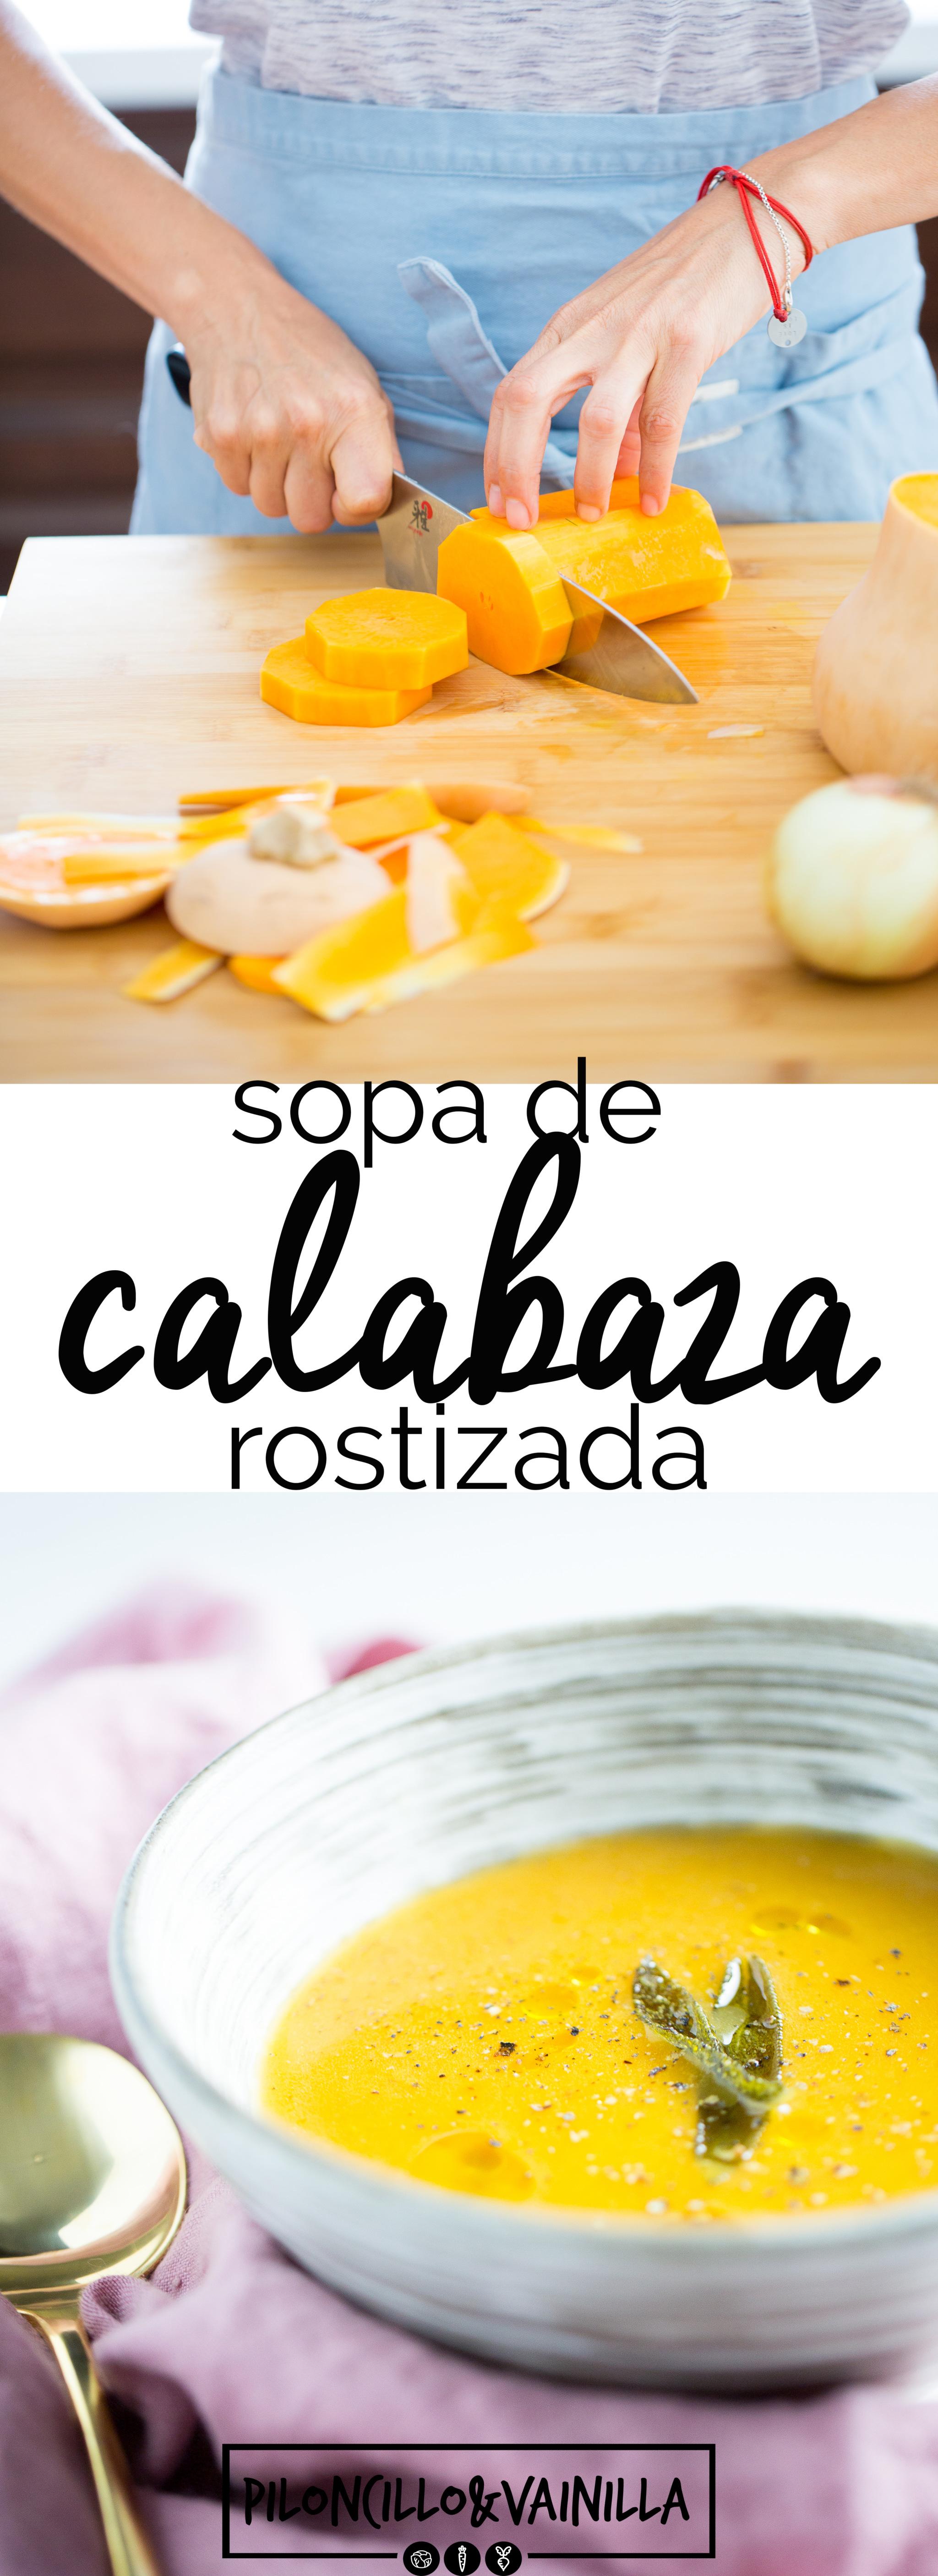 Sopa de calabaza rostizada lista en dos simples pasos, rostizar y licuar. Esta sopa es perfecta para cualquier día de otoño o Thanksgiving.